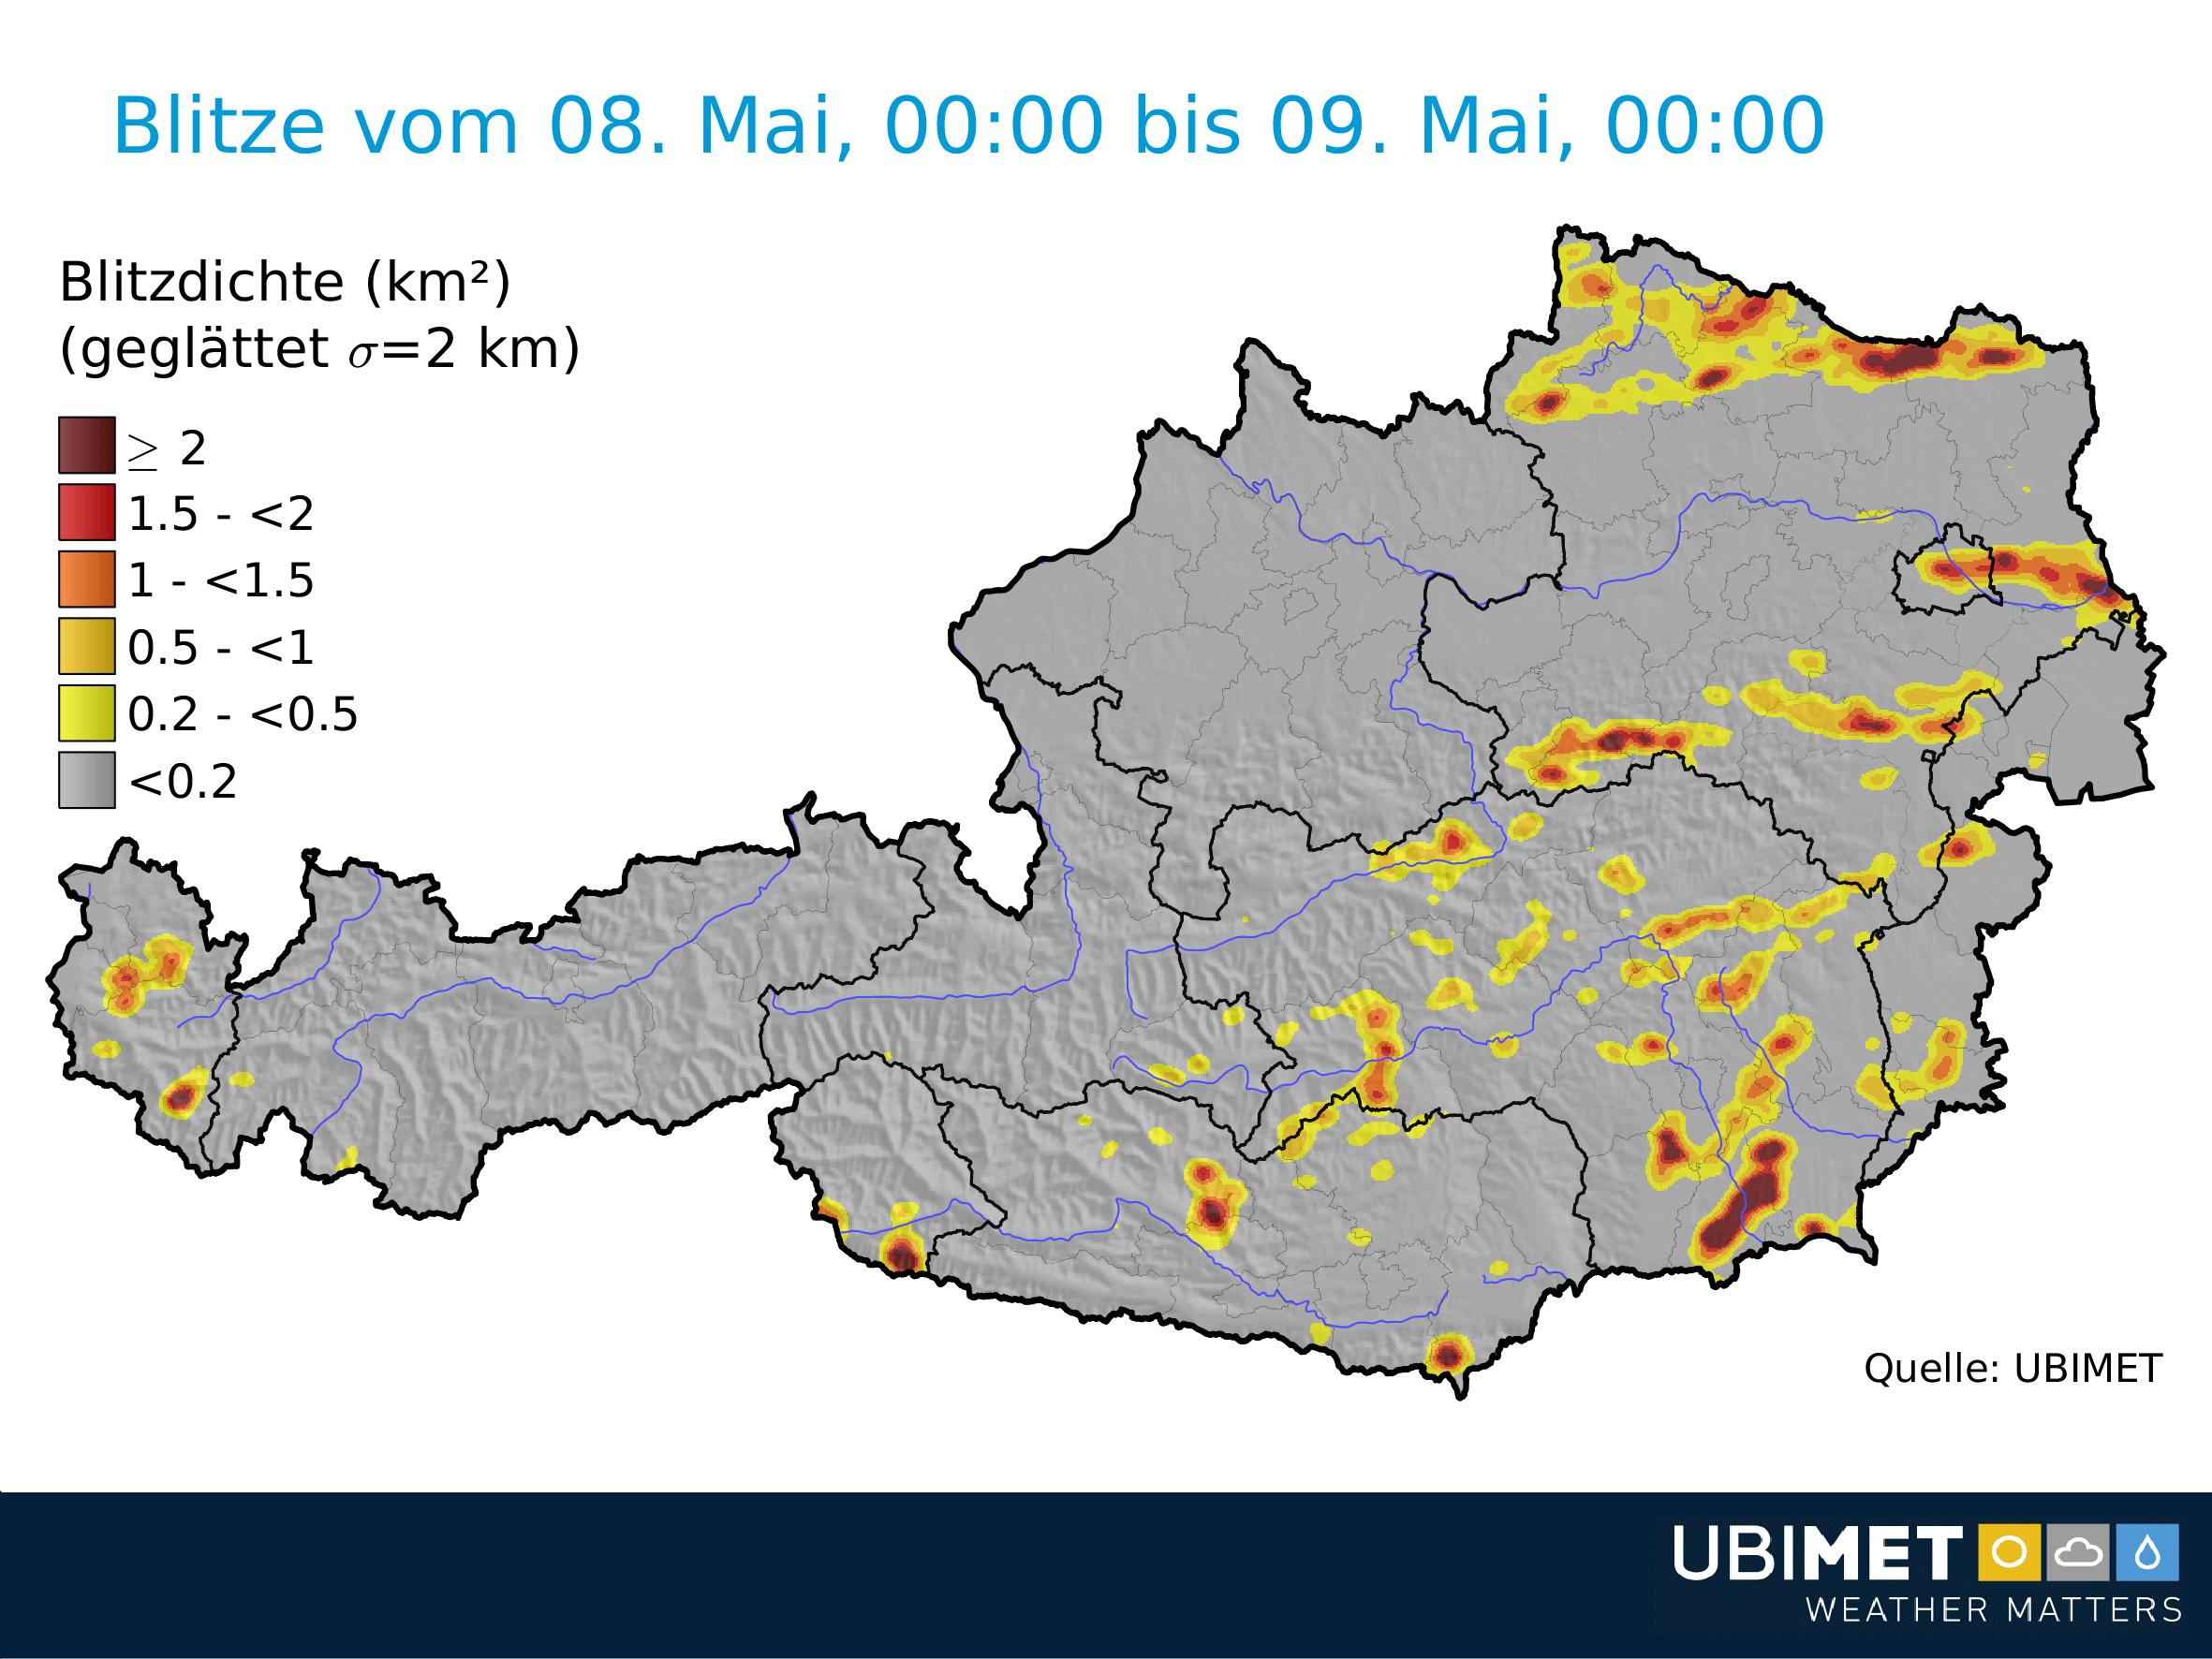 Blitze am Dienstag. © UBIMET